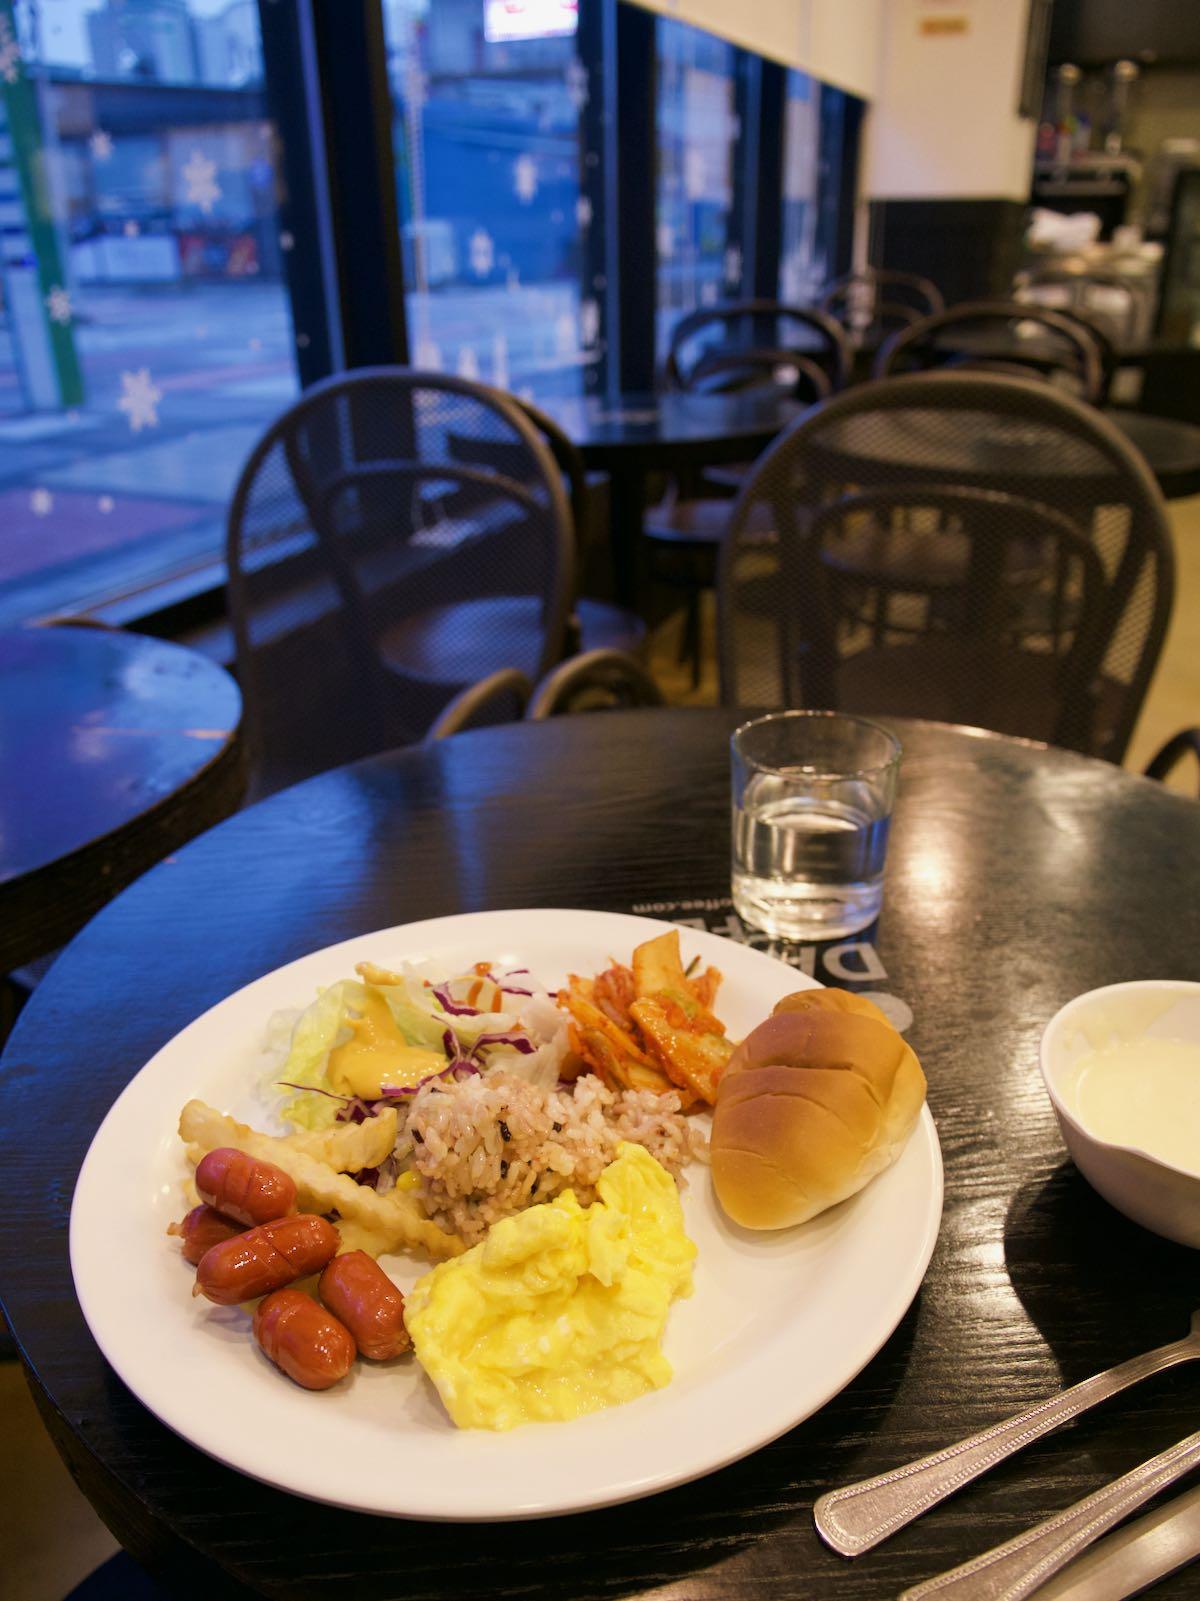 朝食はホテル裏手の食堂で DMC-GX8 + LEICA DG 12-60mm